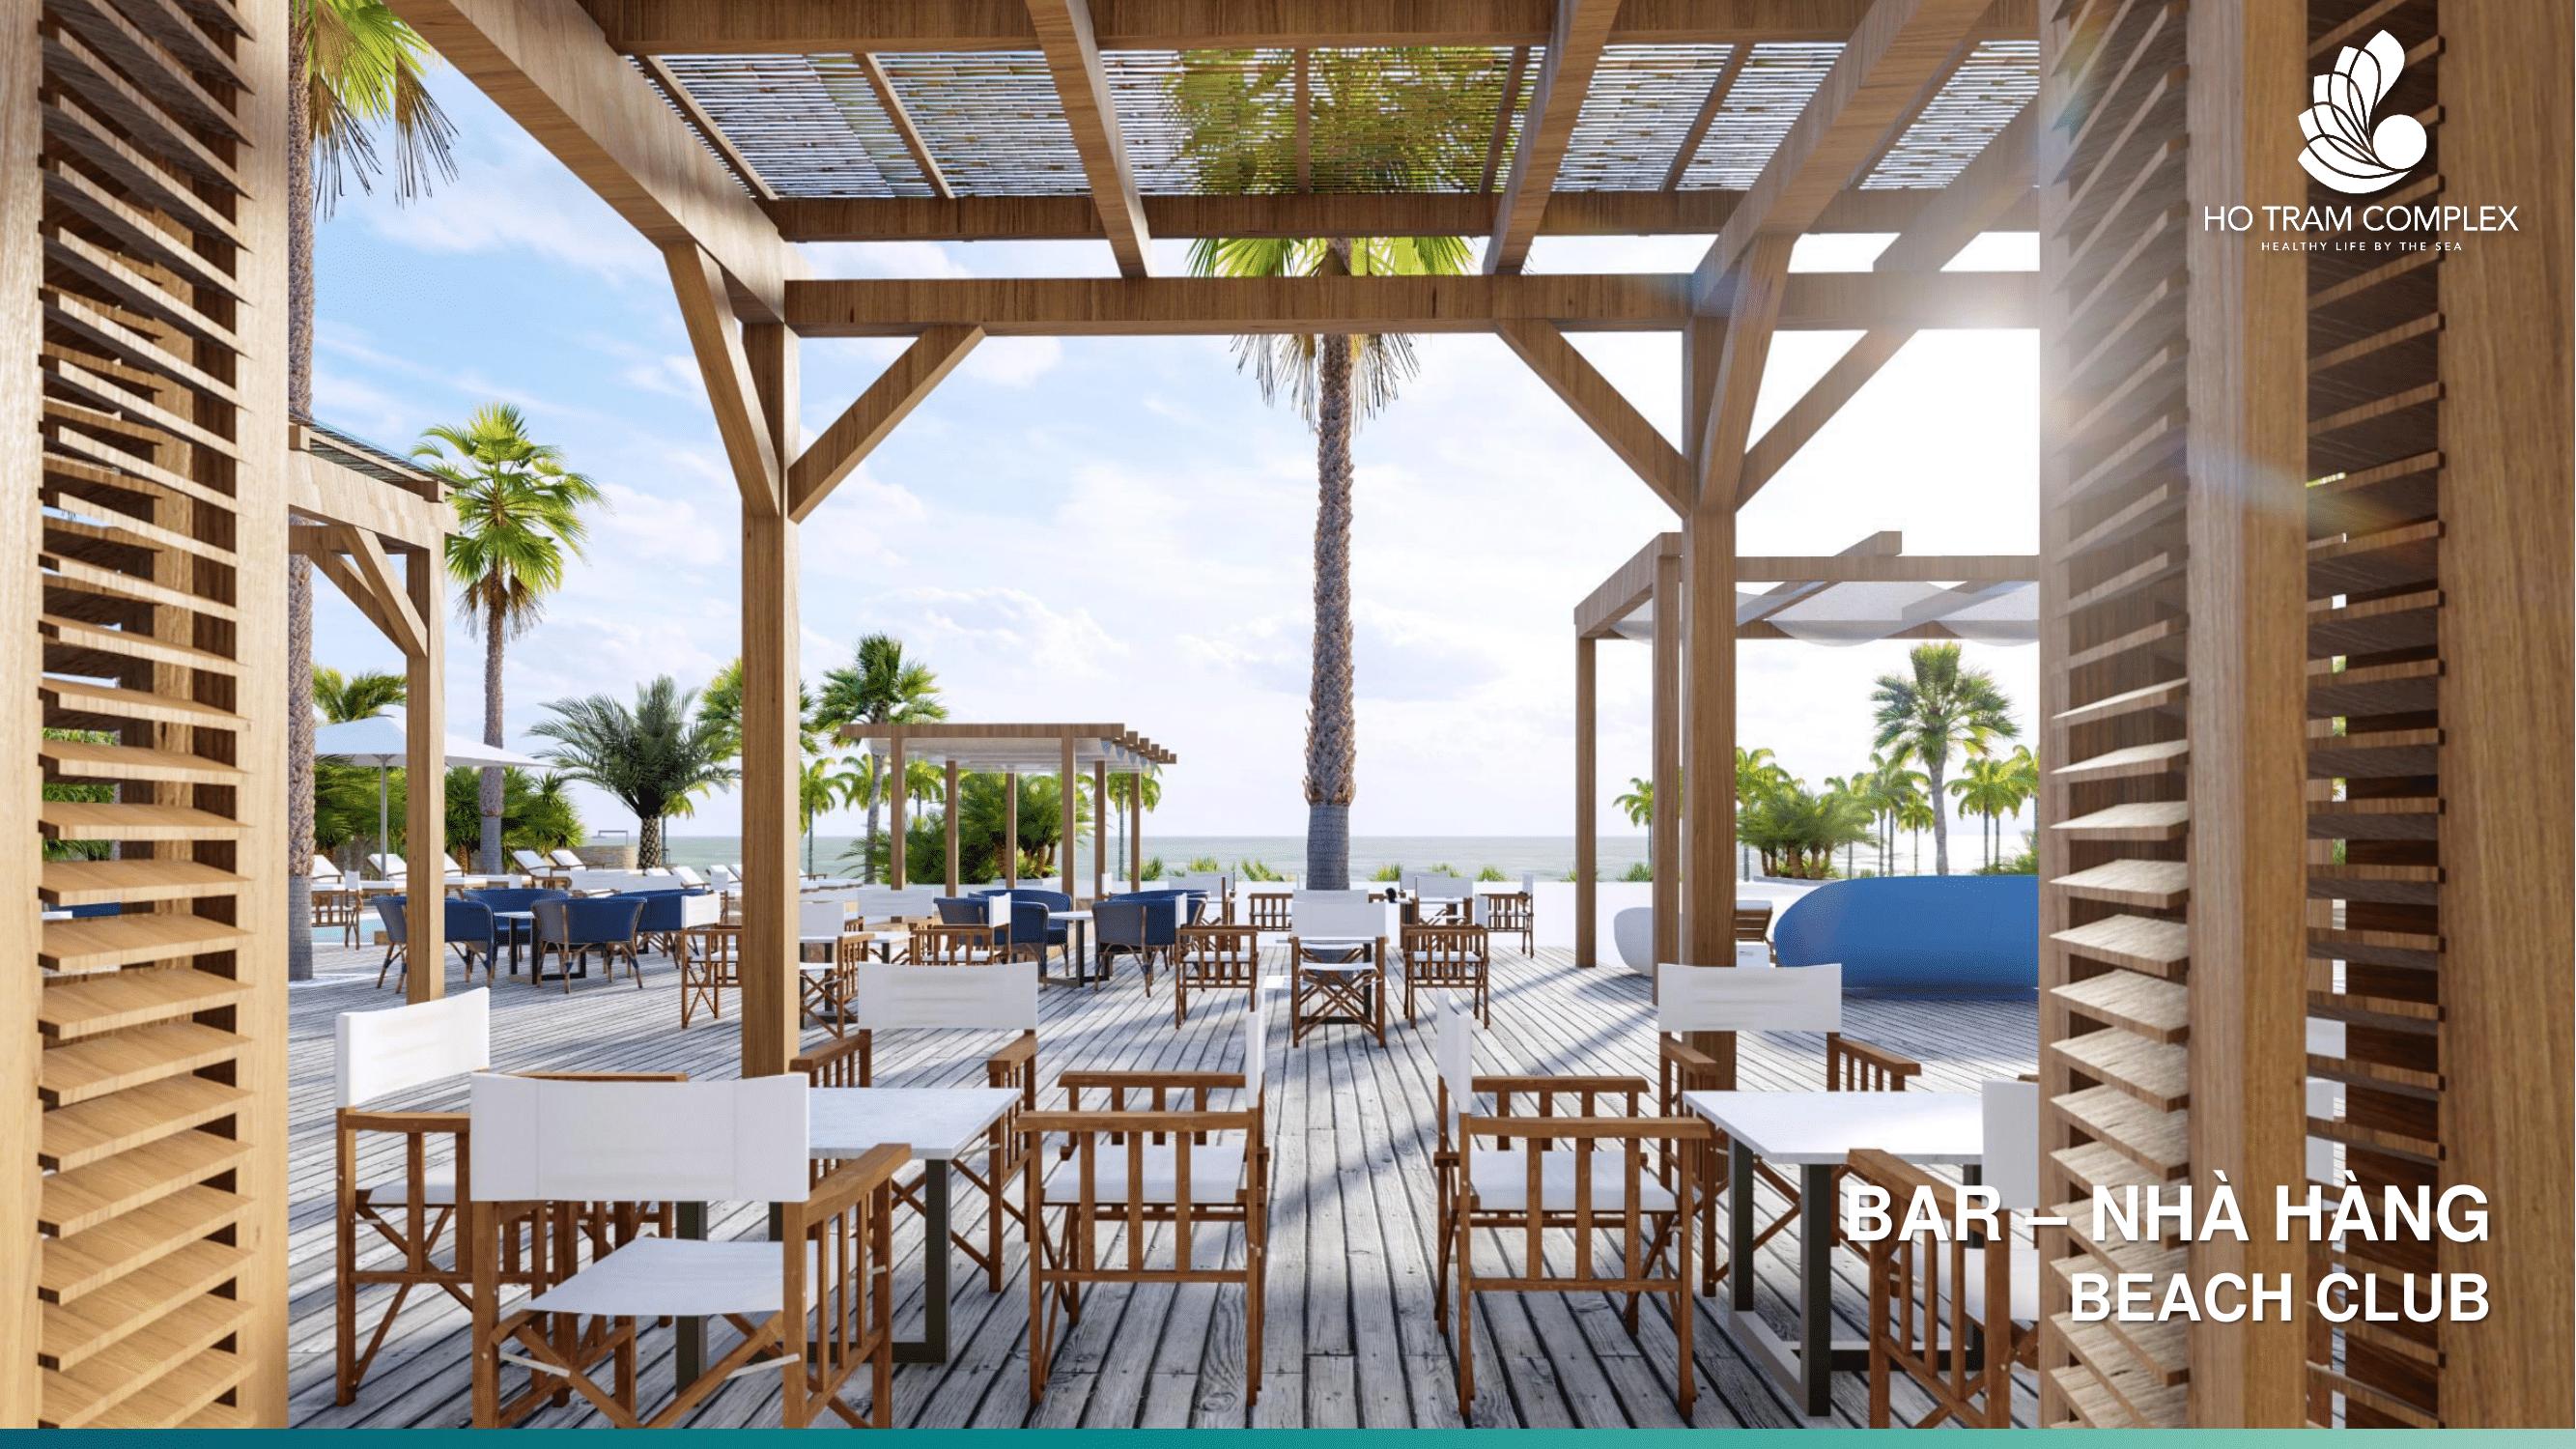 Khu bar -  nhà hàng tại Hồ Tràm Complex Hưng Thịnh